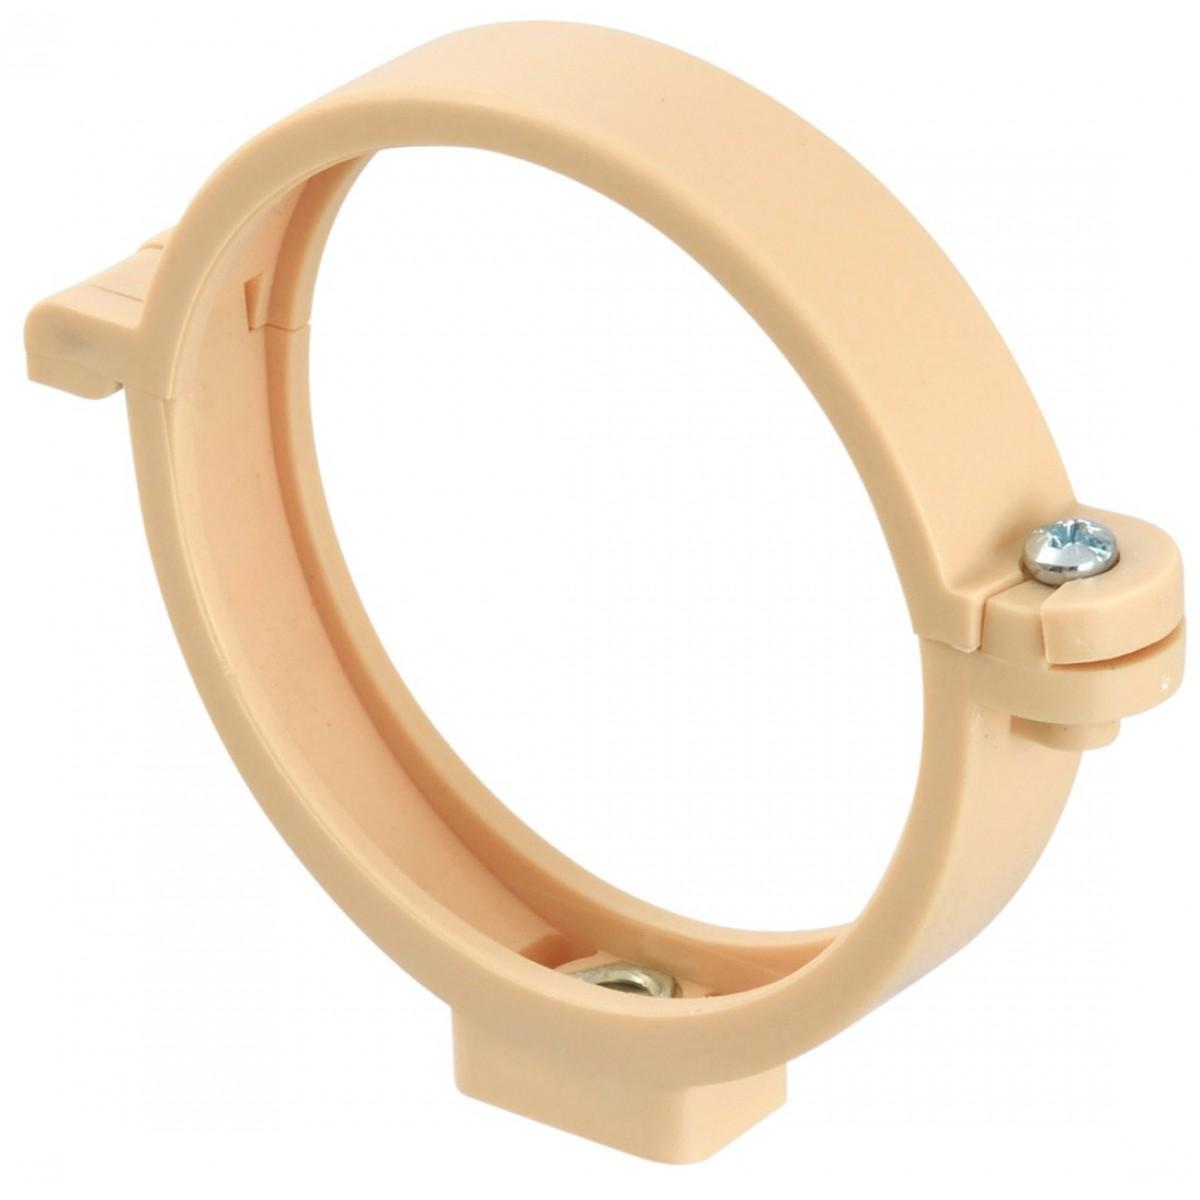 Collier à bride de descente Girpi - Diamètre 100 mm - Gris